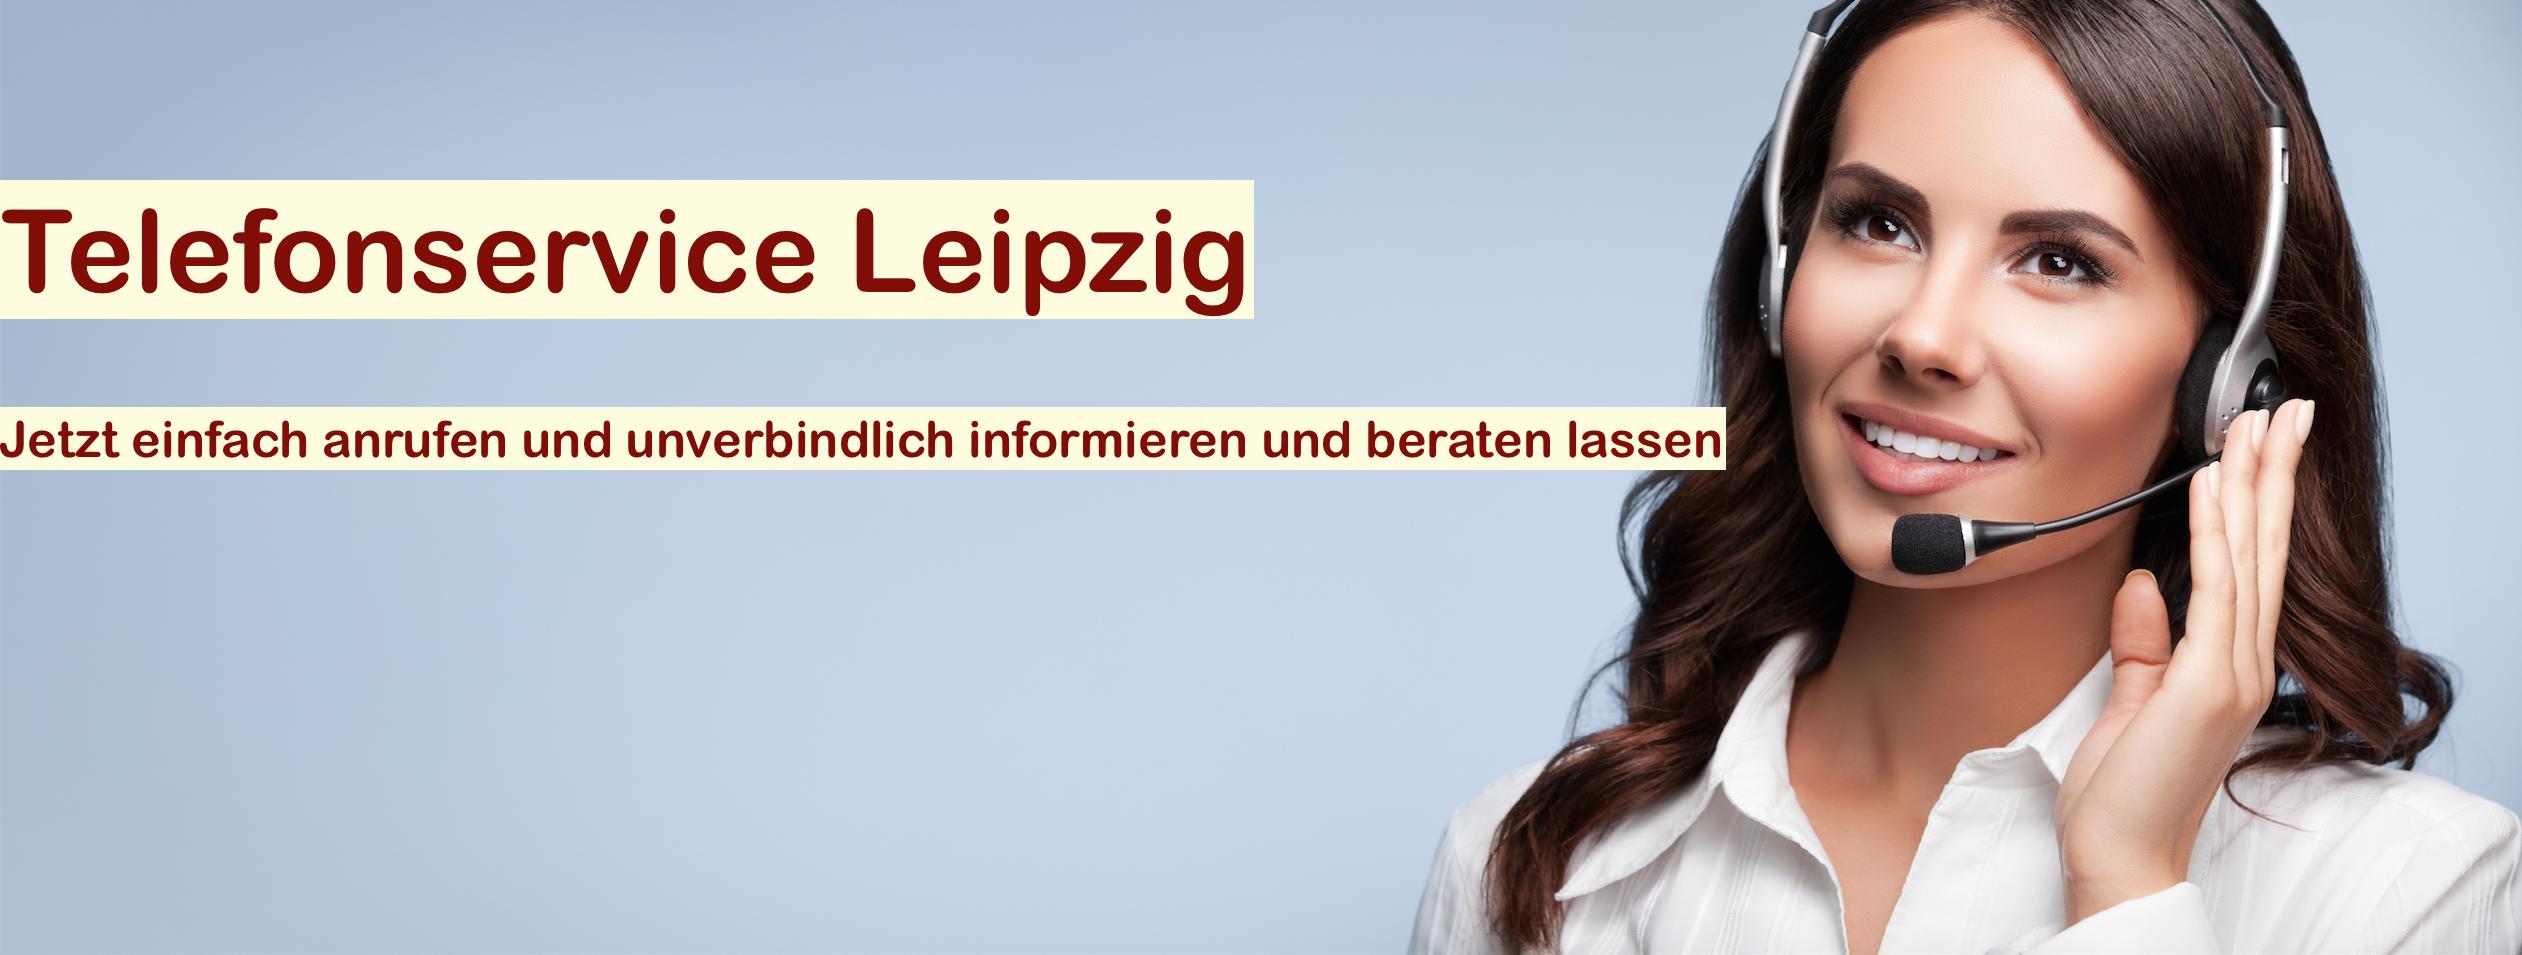 Telefonservice Leipzig